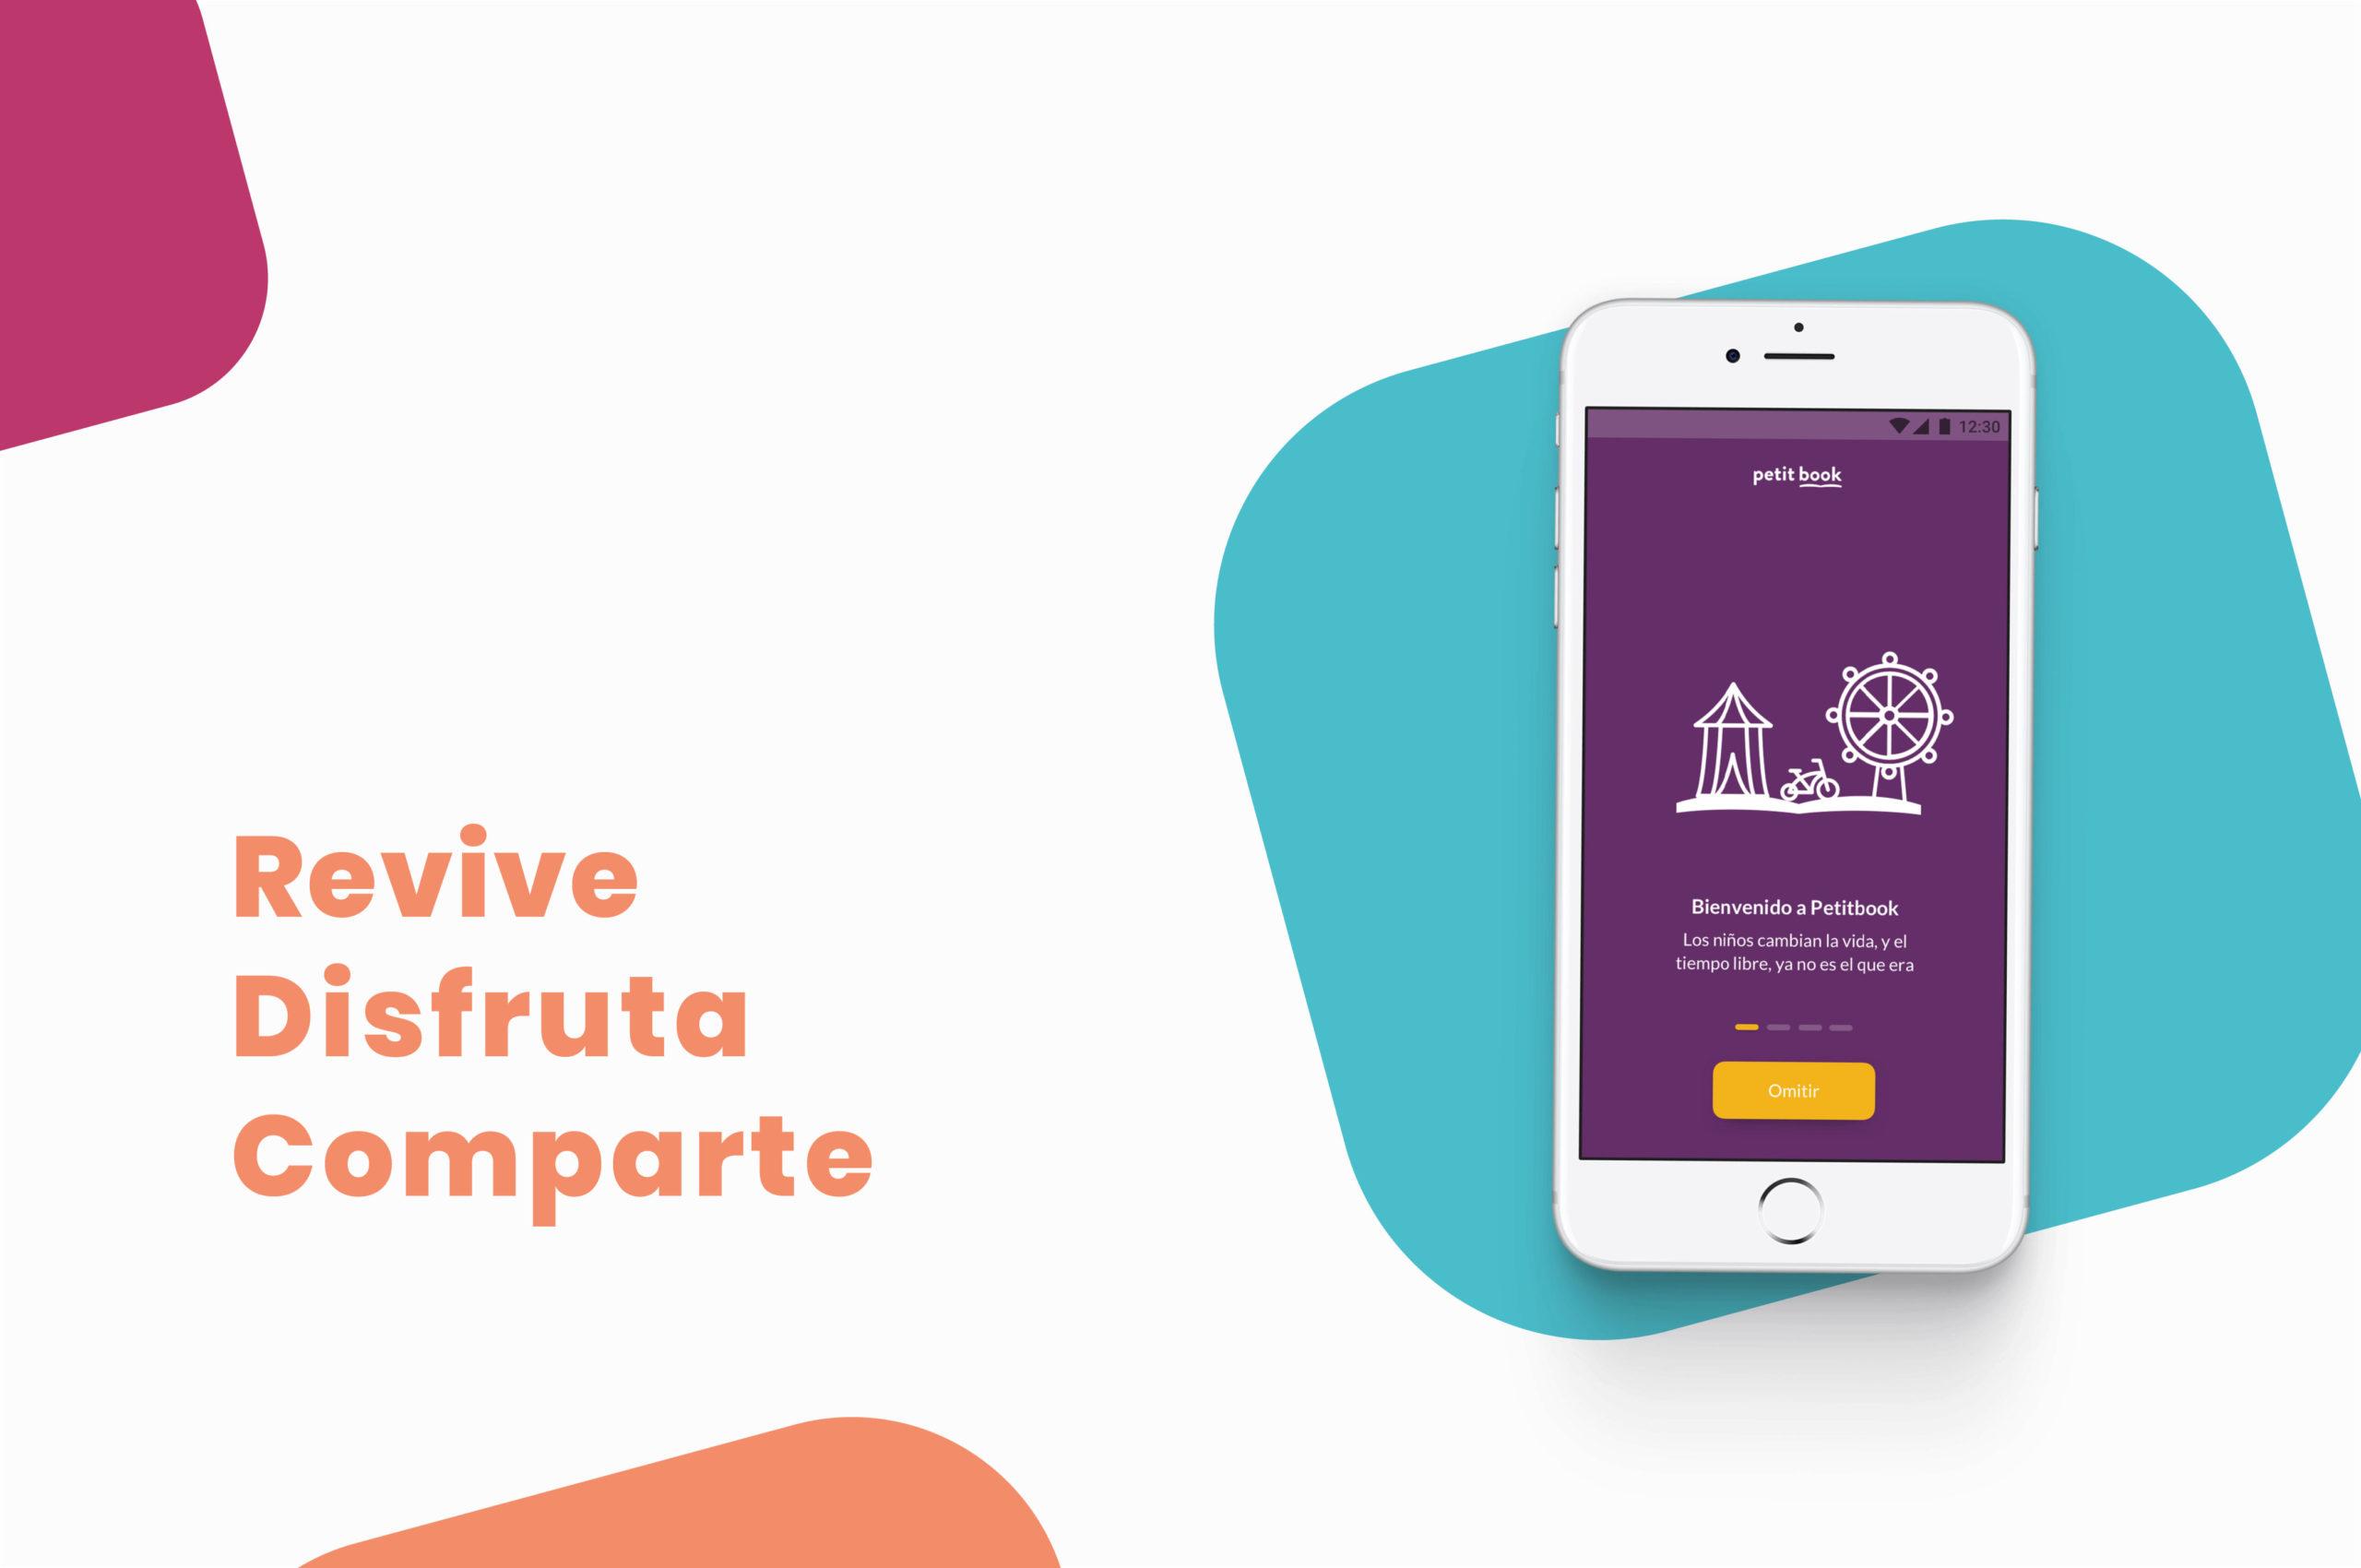 diseñografico-agencia-barcelona-2